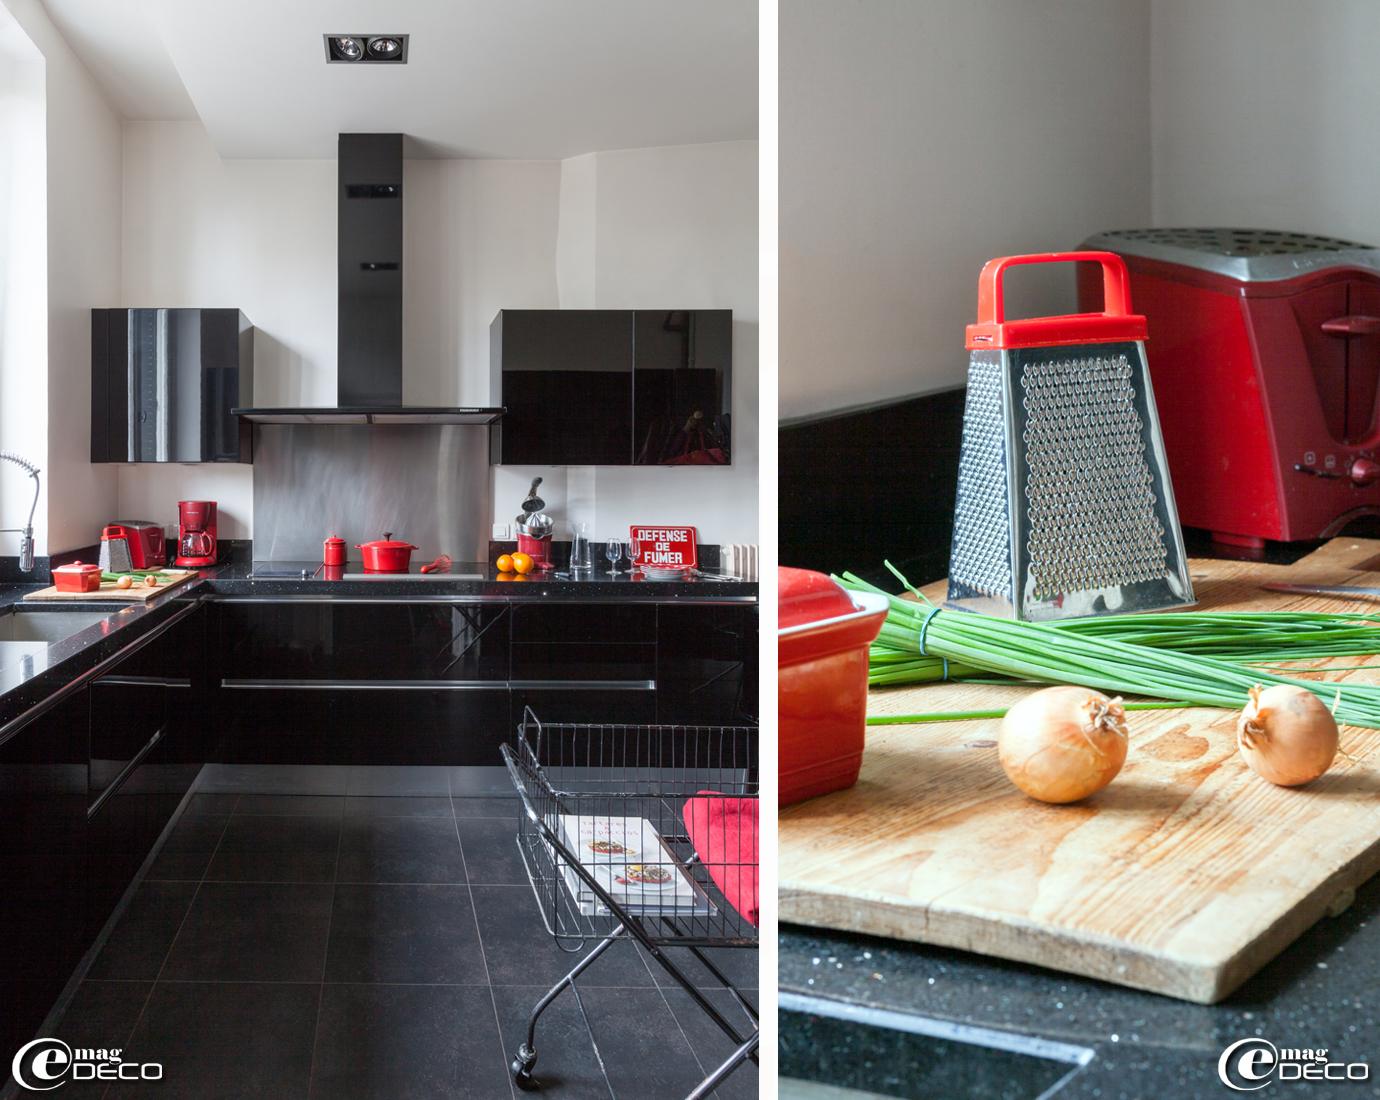 La cuisine de la maison d'hôtes 'La Villa 1901', à Nancy, équipée d'éléments noirs et métal brossé sur fond de blanc avec des objets et ustensiles de couleur rouge. Cocotte en fonte 'Nomar' de 'Paul Bocuse', grille pain et cafetière 'Rowenta', presse agrumes 'Riviera et bar'